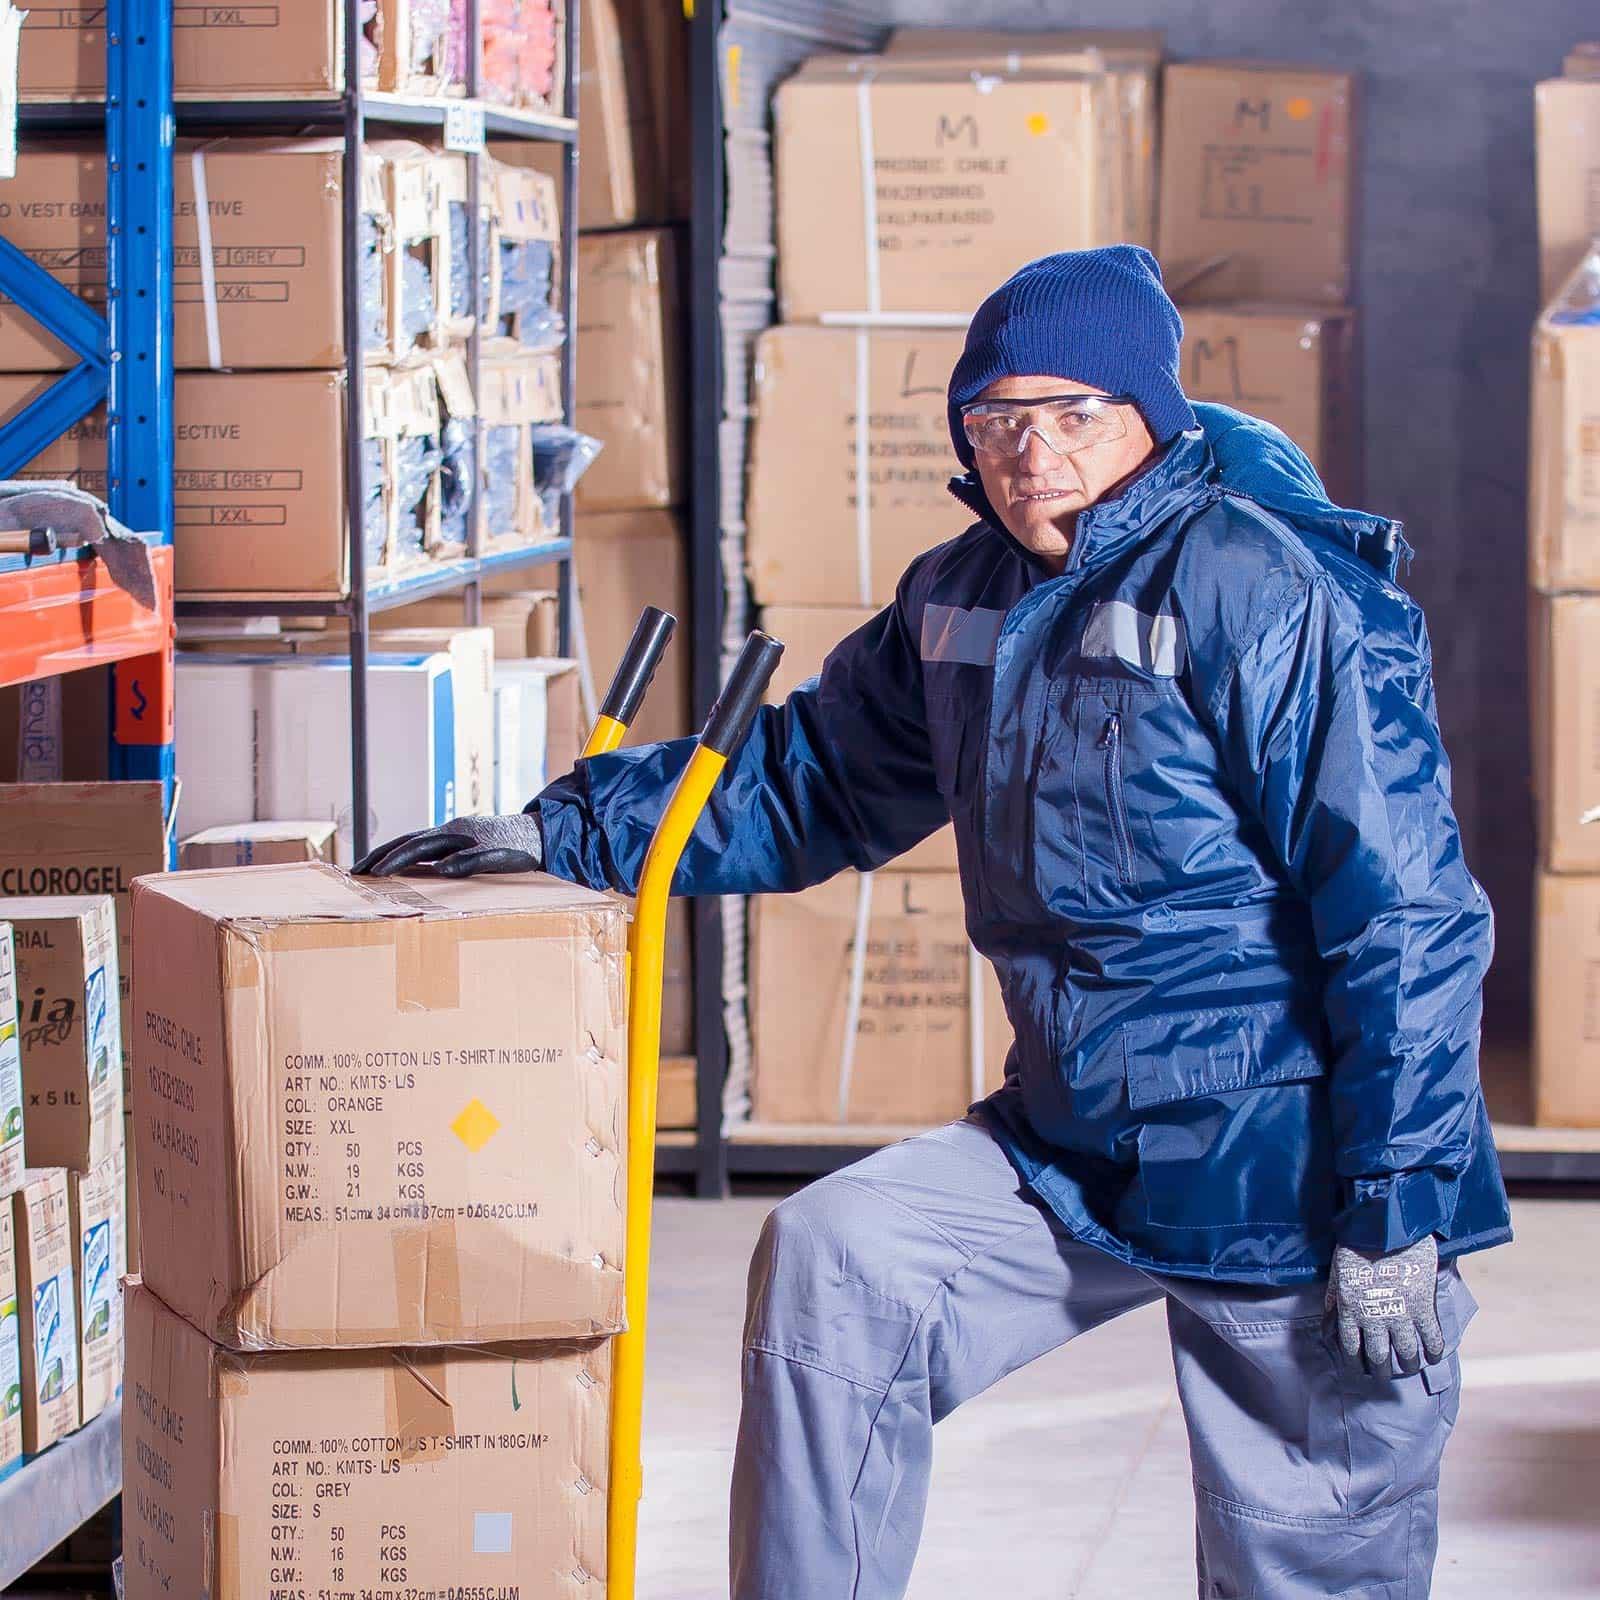 Gửi hàng từ Mỹ về Việt Nam chuyên nghiệp